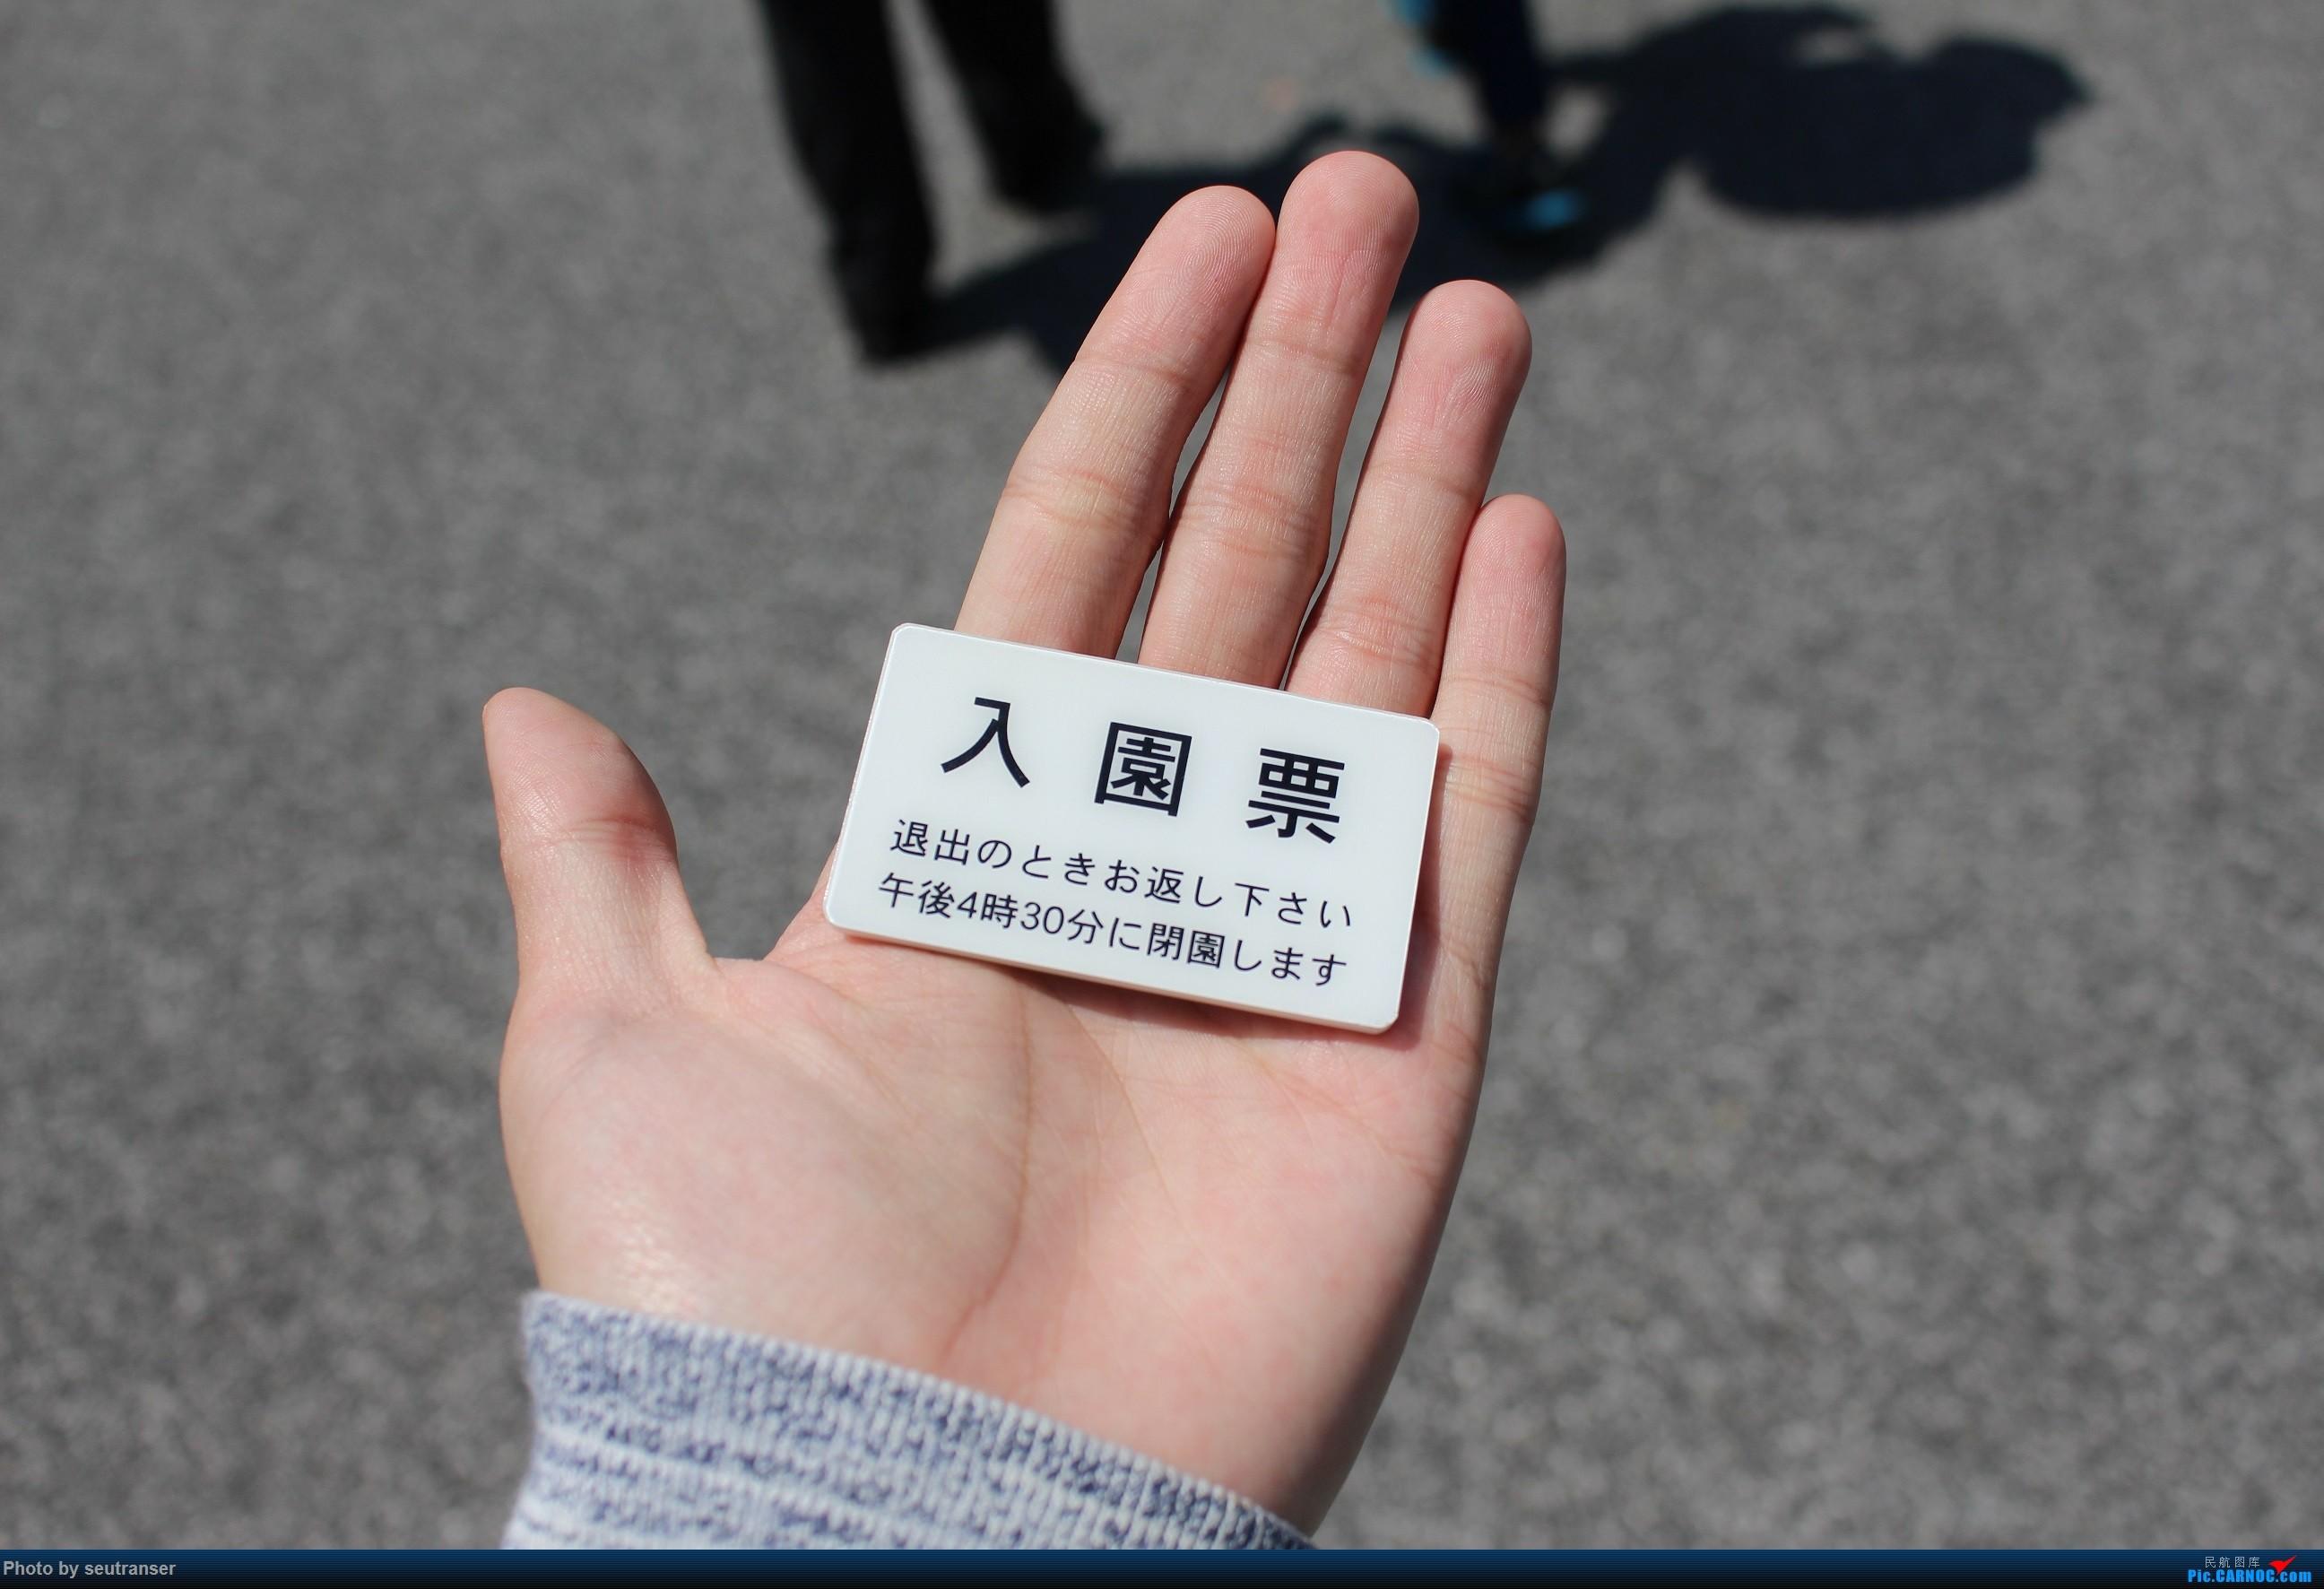 Re:[原创]迟到一年的游记,记第一次出国游—日本 东航往返+ANA国内线